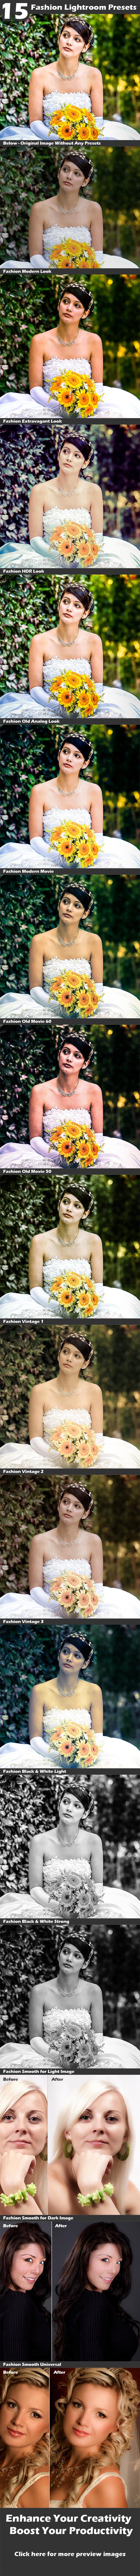 Fashion Presets